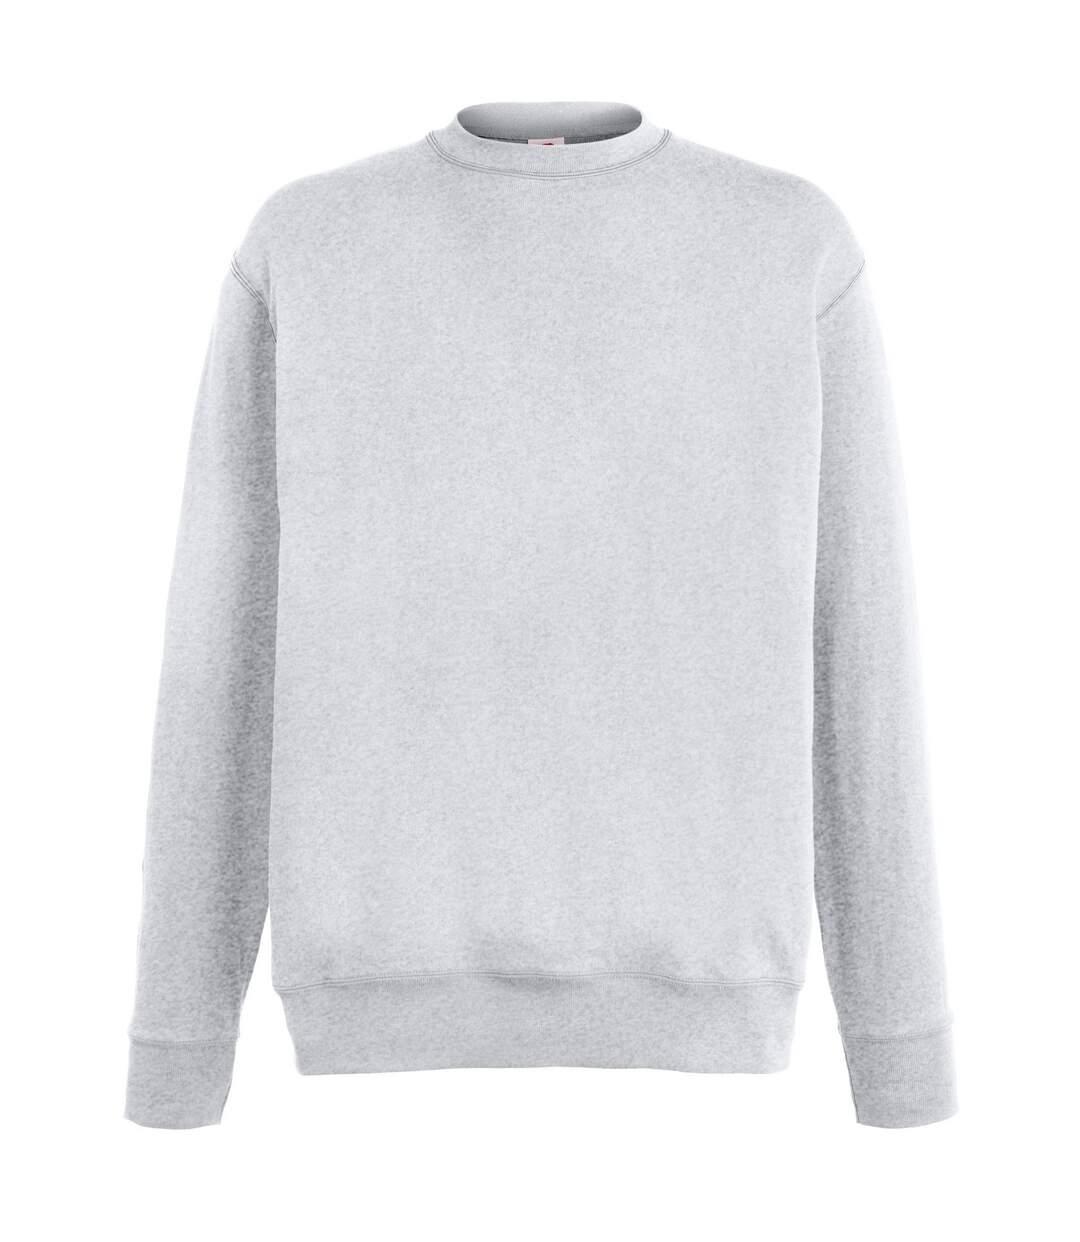 Fruit Of The Loom Mens Lightweight Set-In Sweatshirt (Heather Grey) - UTRW4499